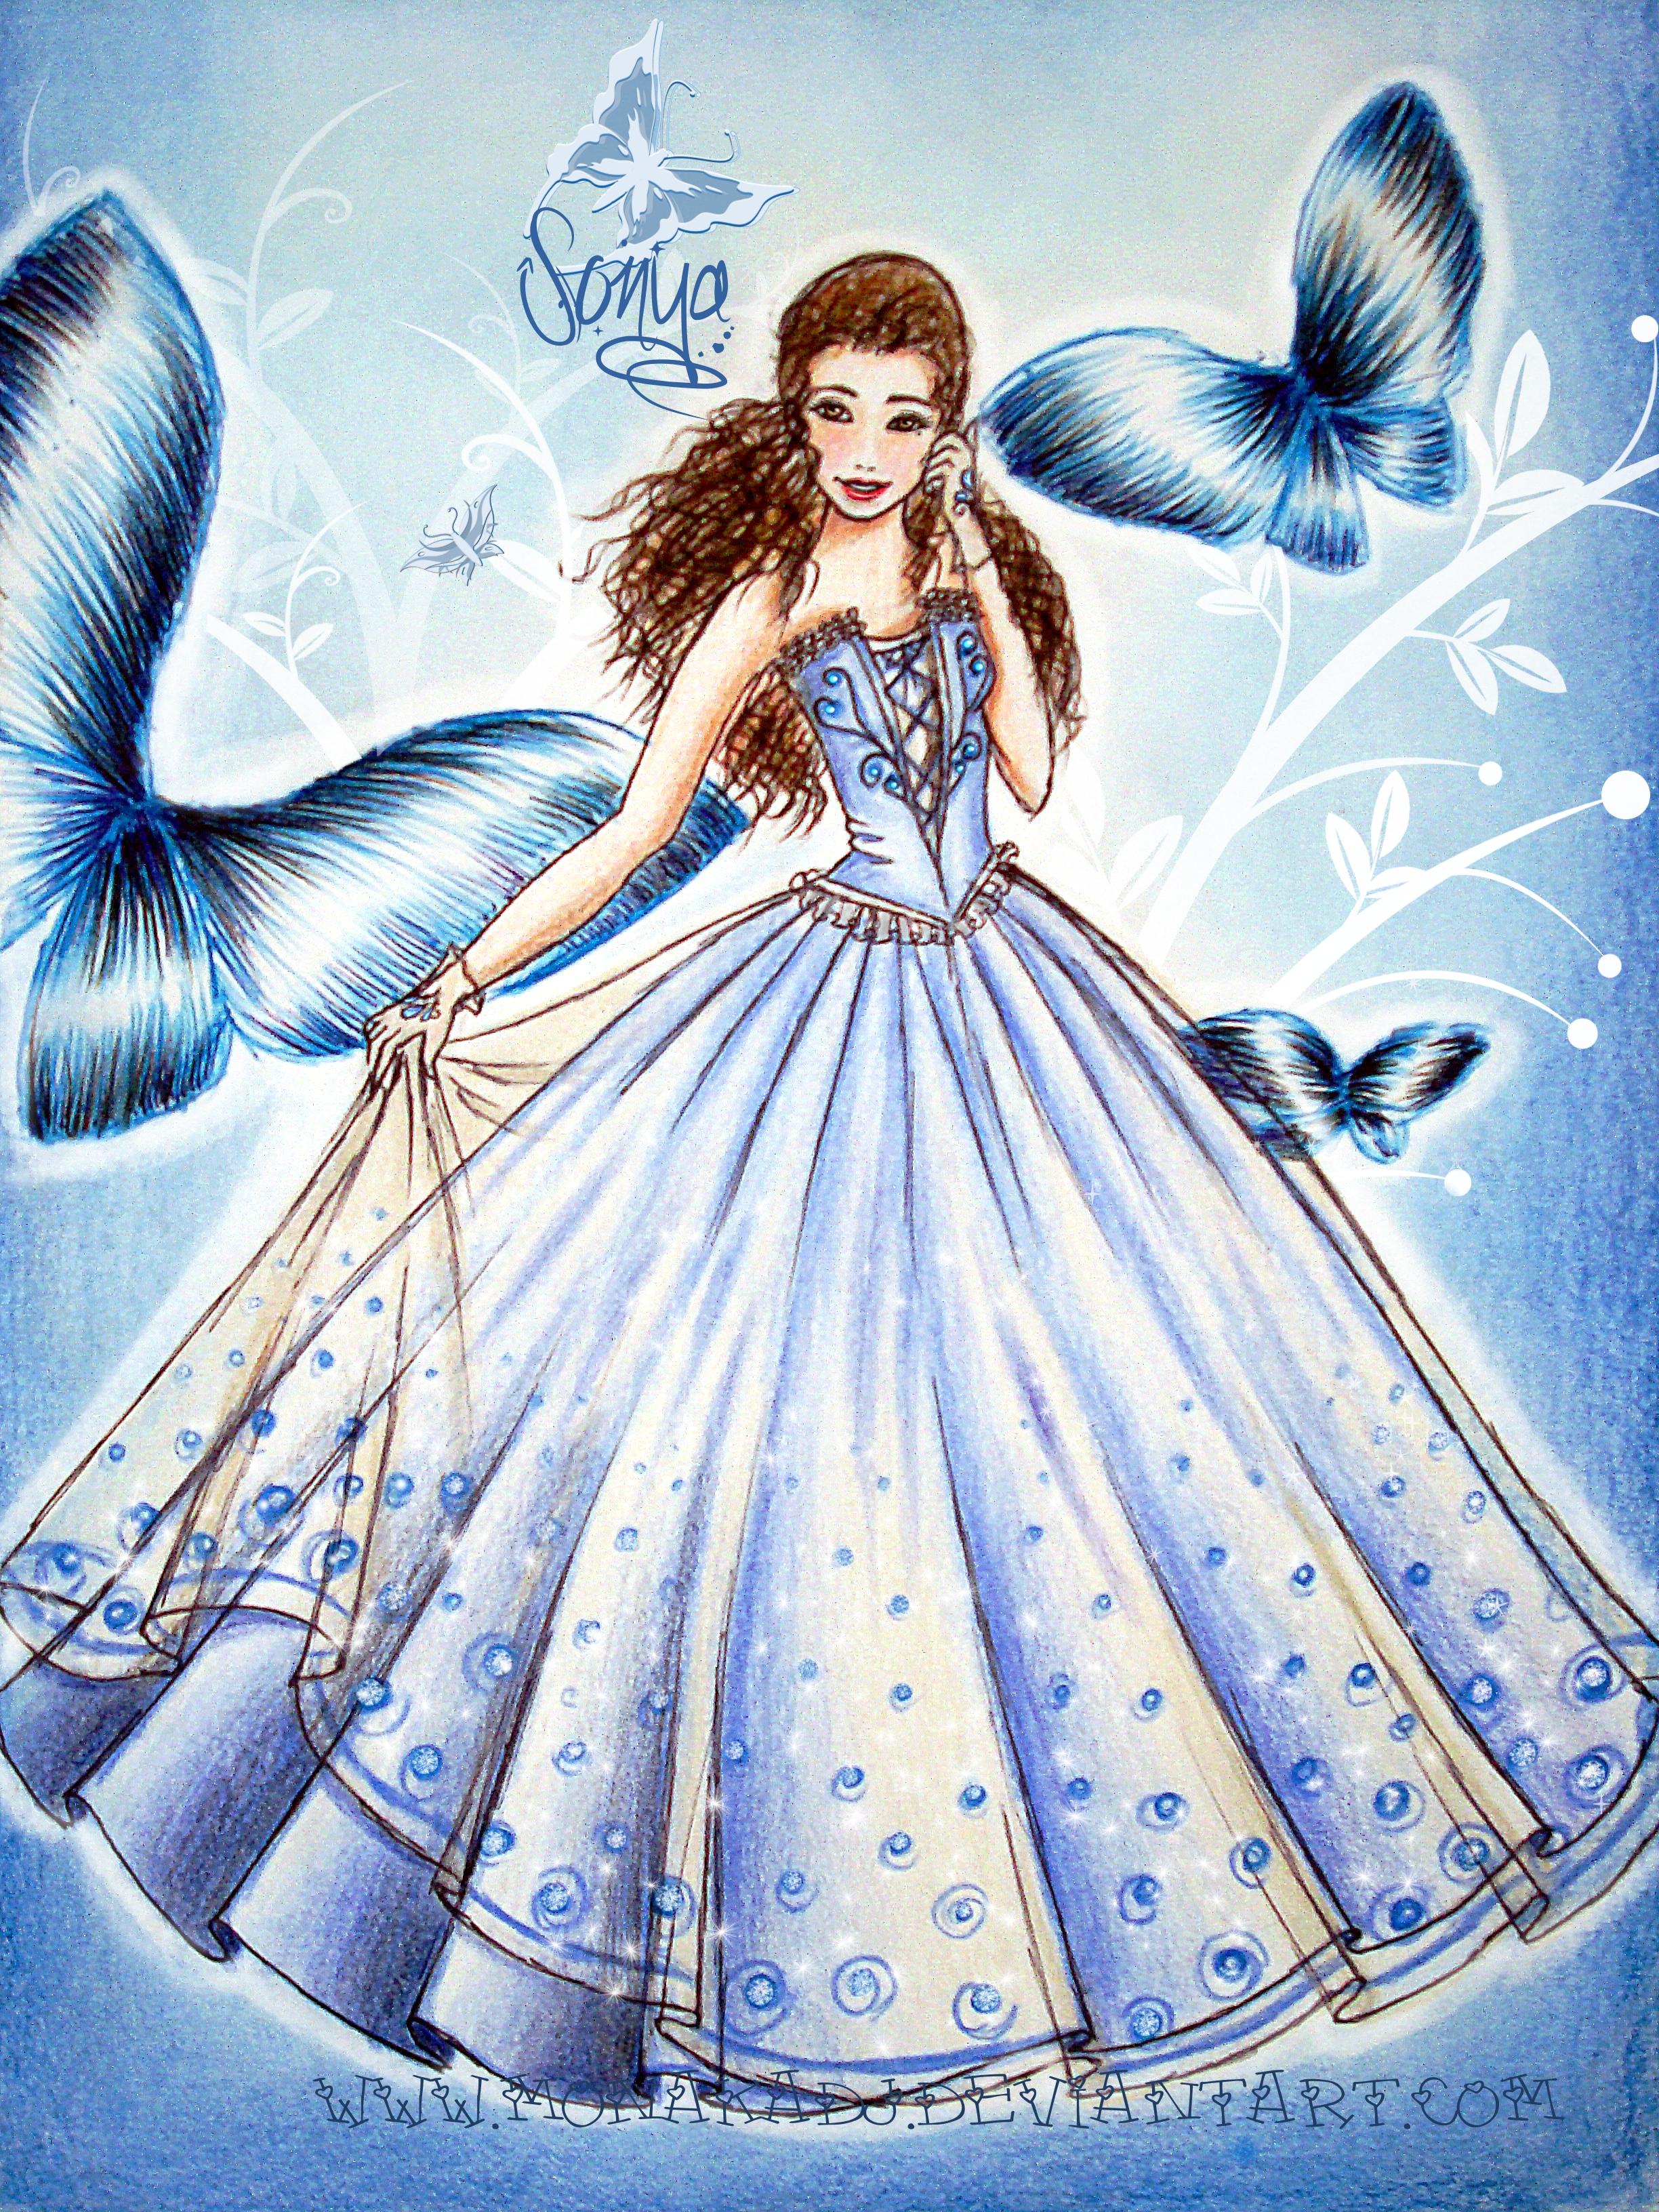 Drawn princess dress Design DeviantArt butterfly dress butterfly